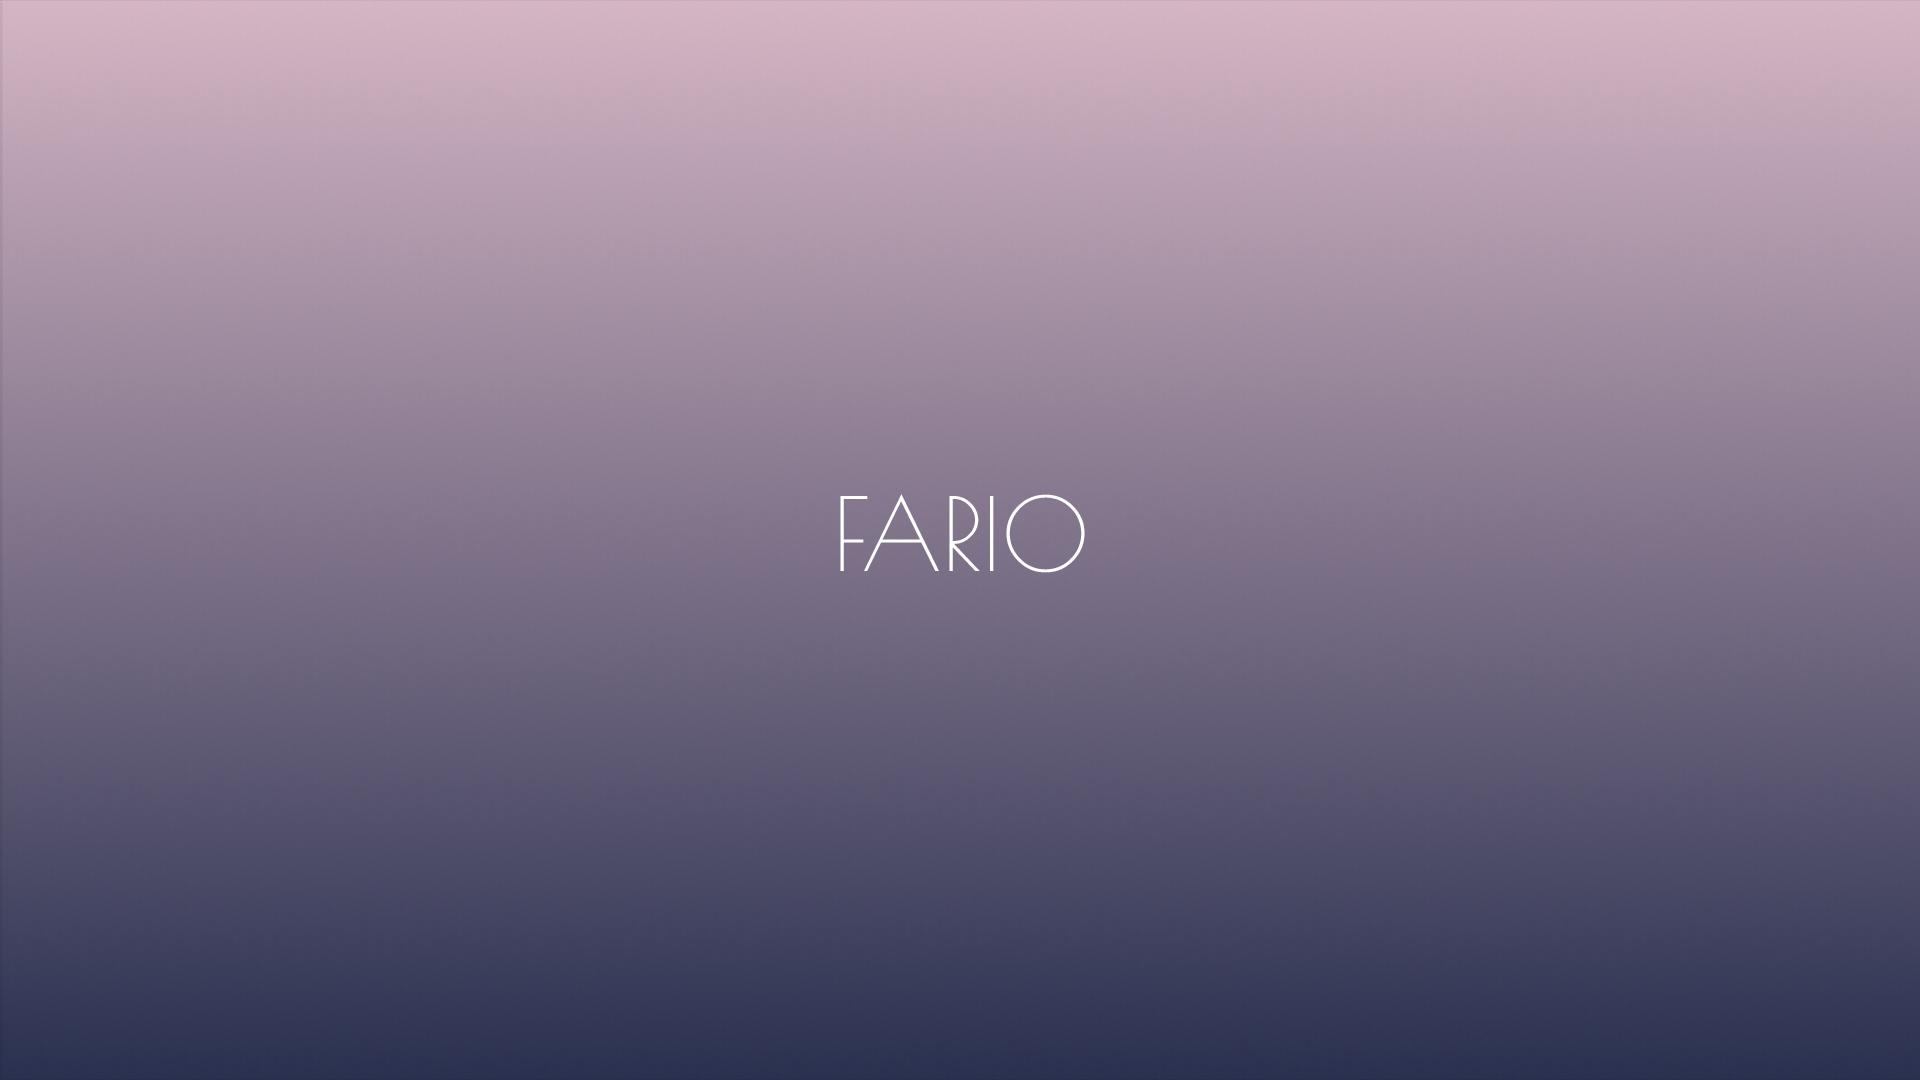 Fario, web hecha por murciegalo en 2018